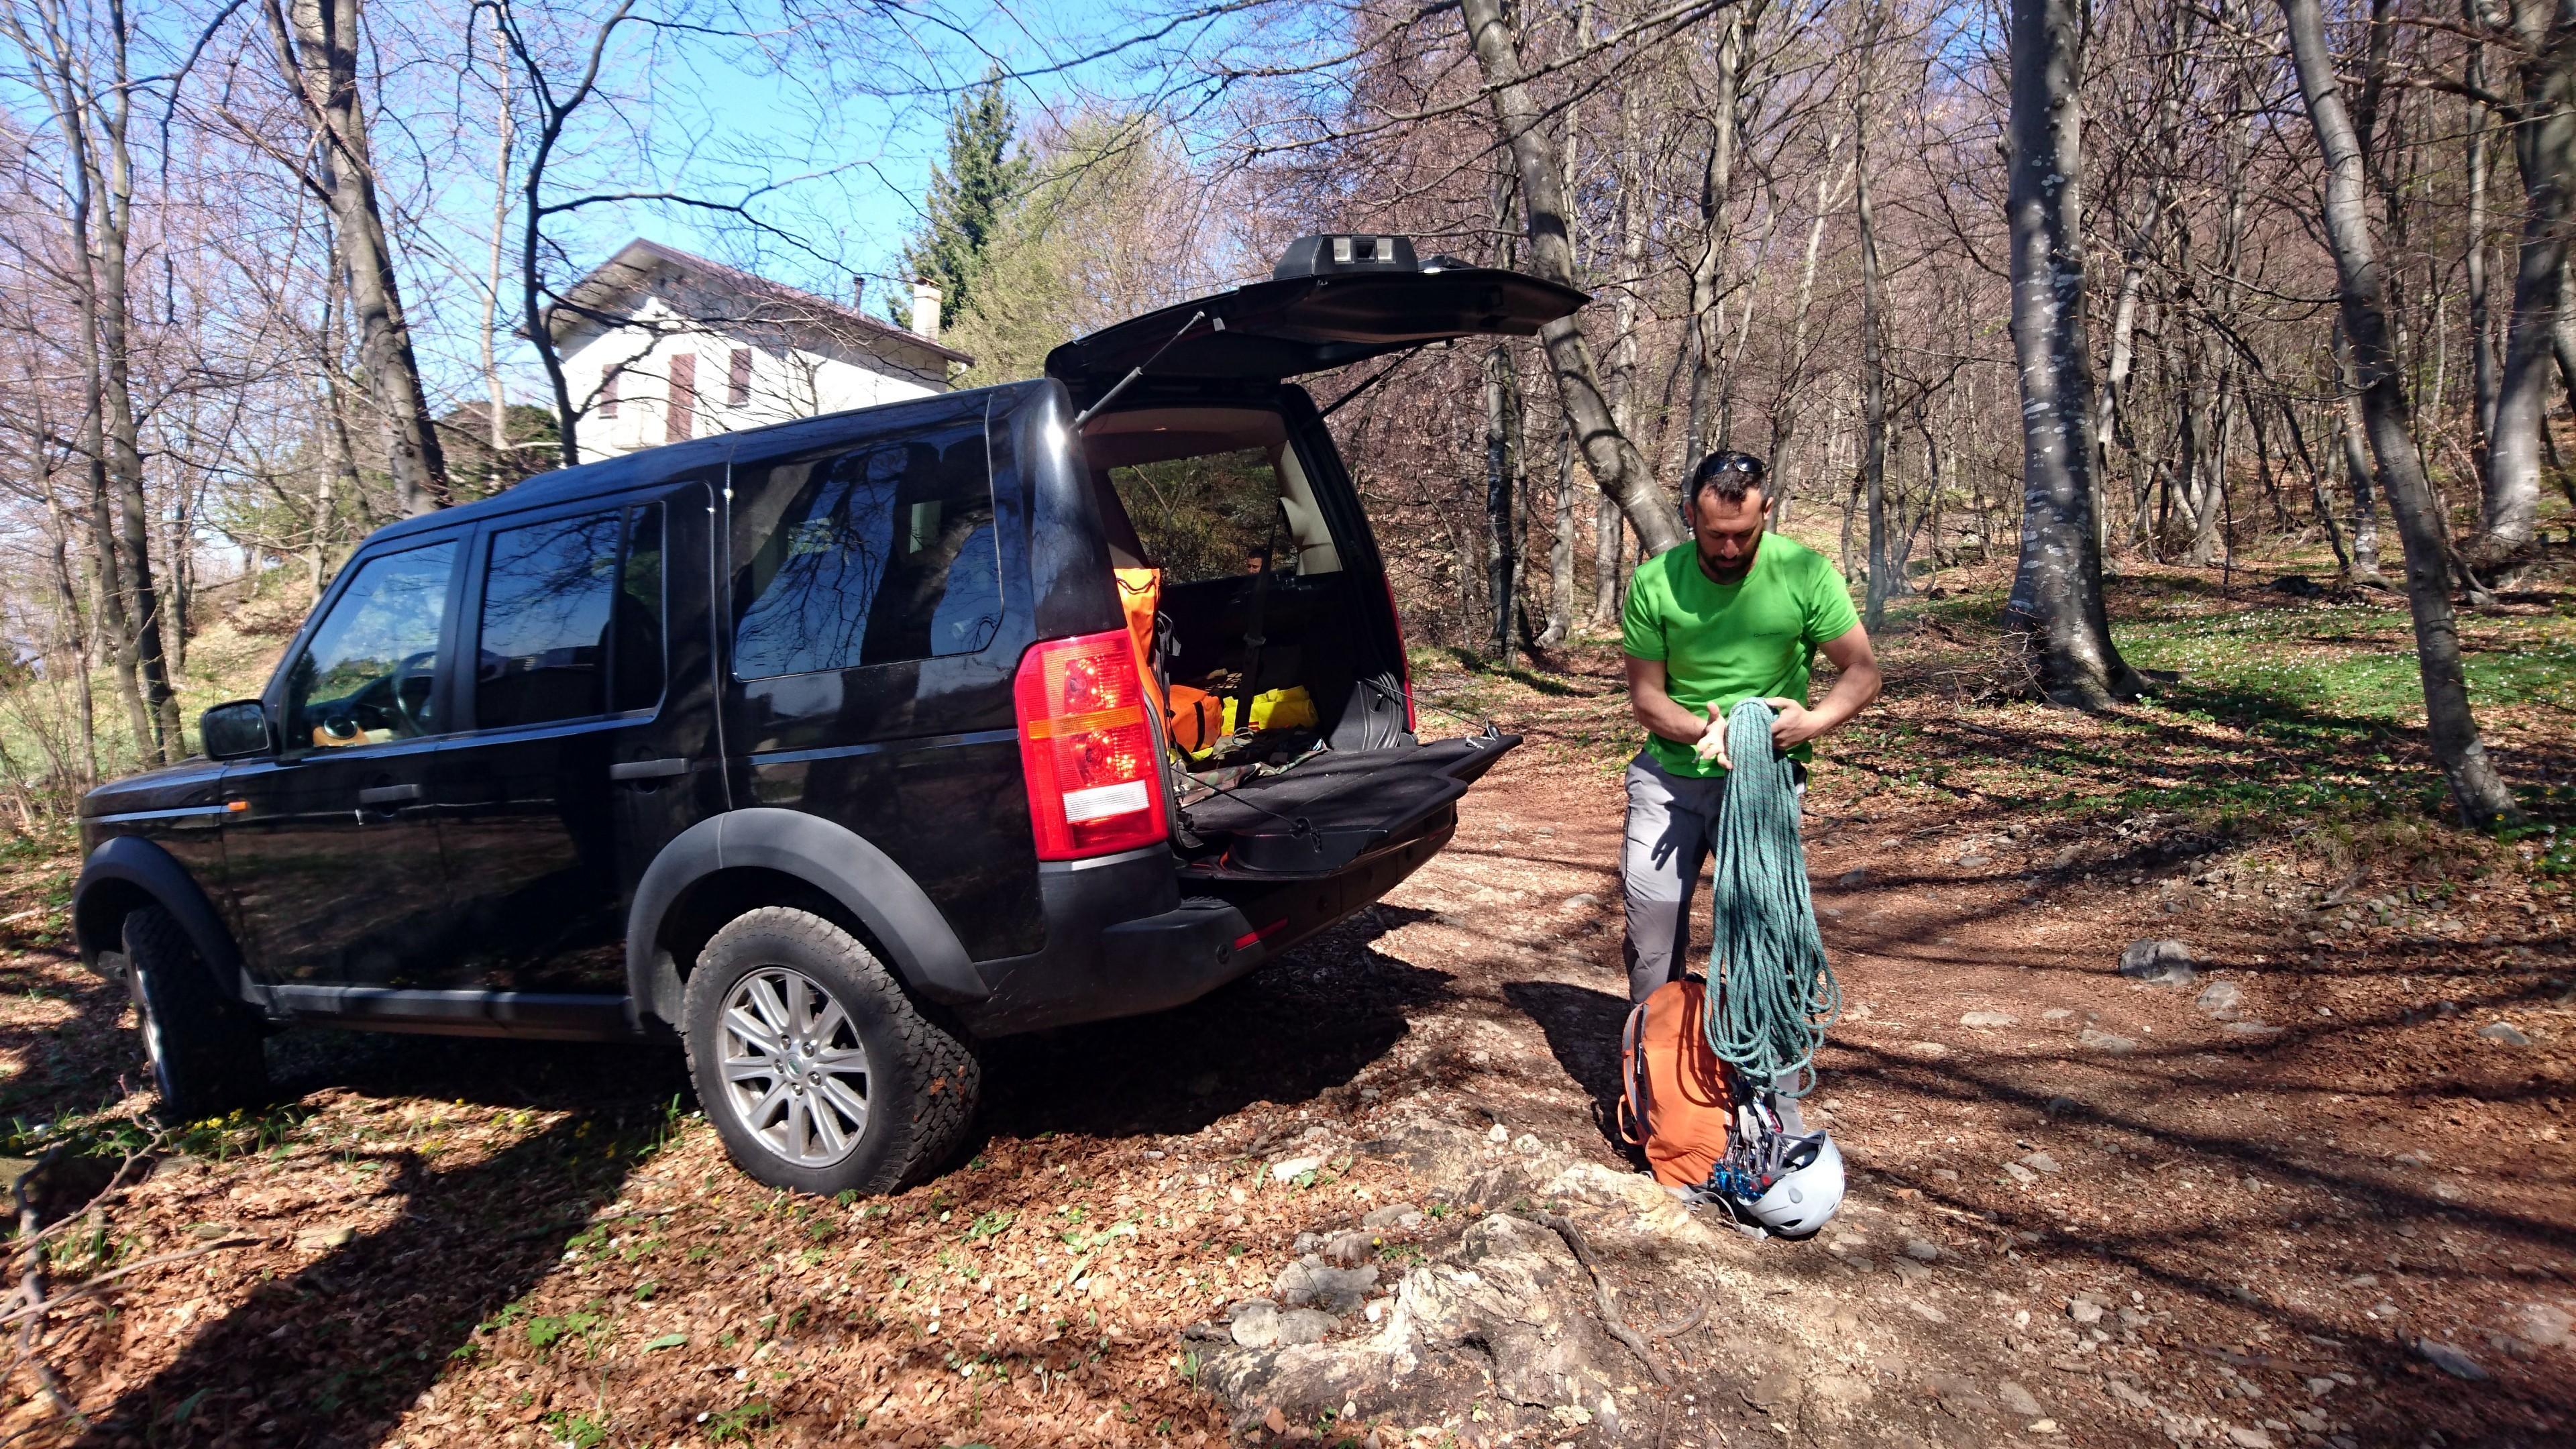 Arriviamo al parcheggio verso le 10:30 e facciamo cernita dell'attrezzatura che ci servirà in scalata